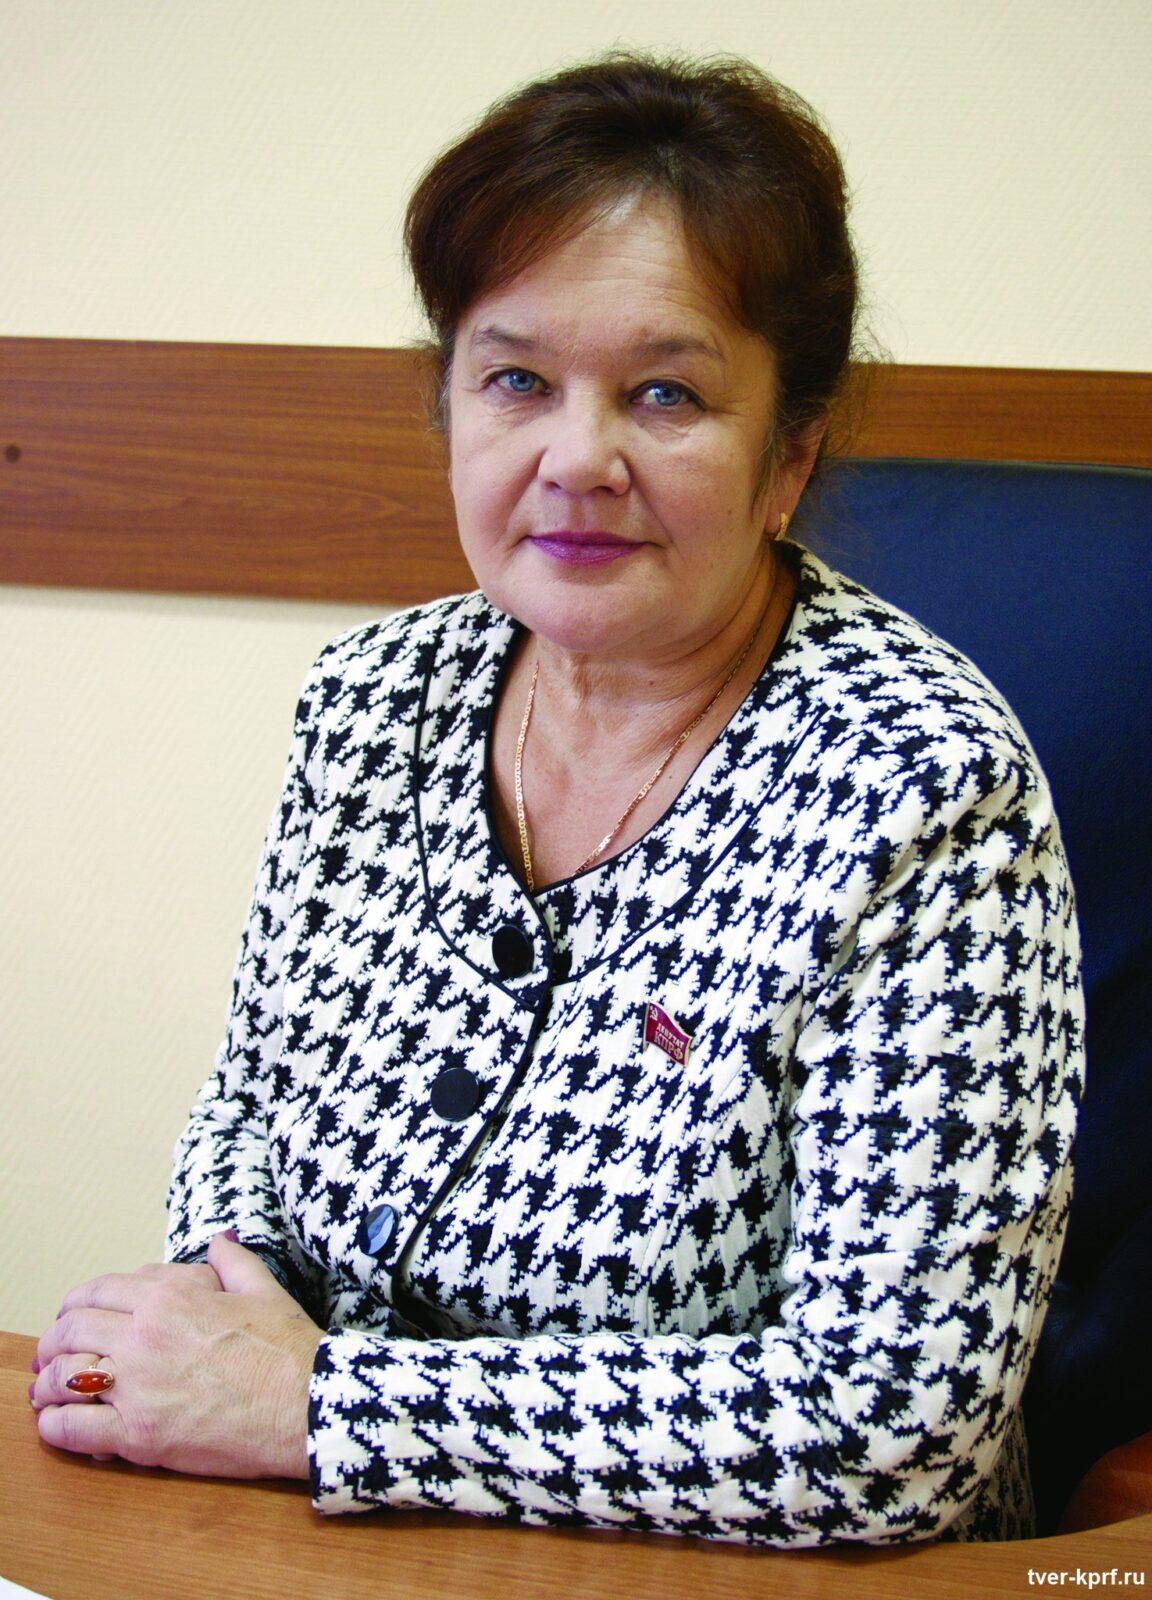 Людмила Воробьева: Если дело так пойдет и дальше, автосервис будет нам не нужен